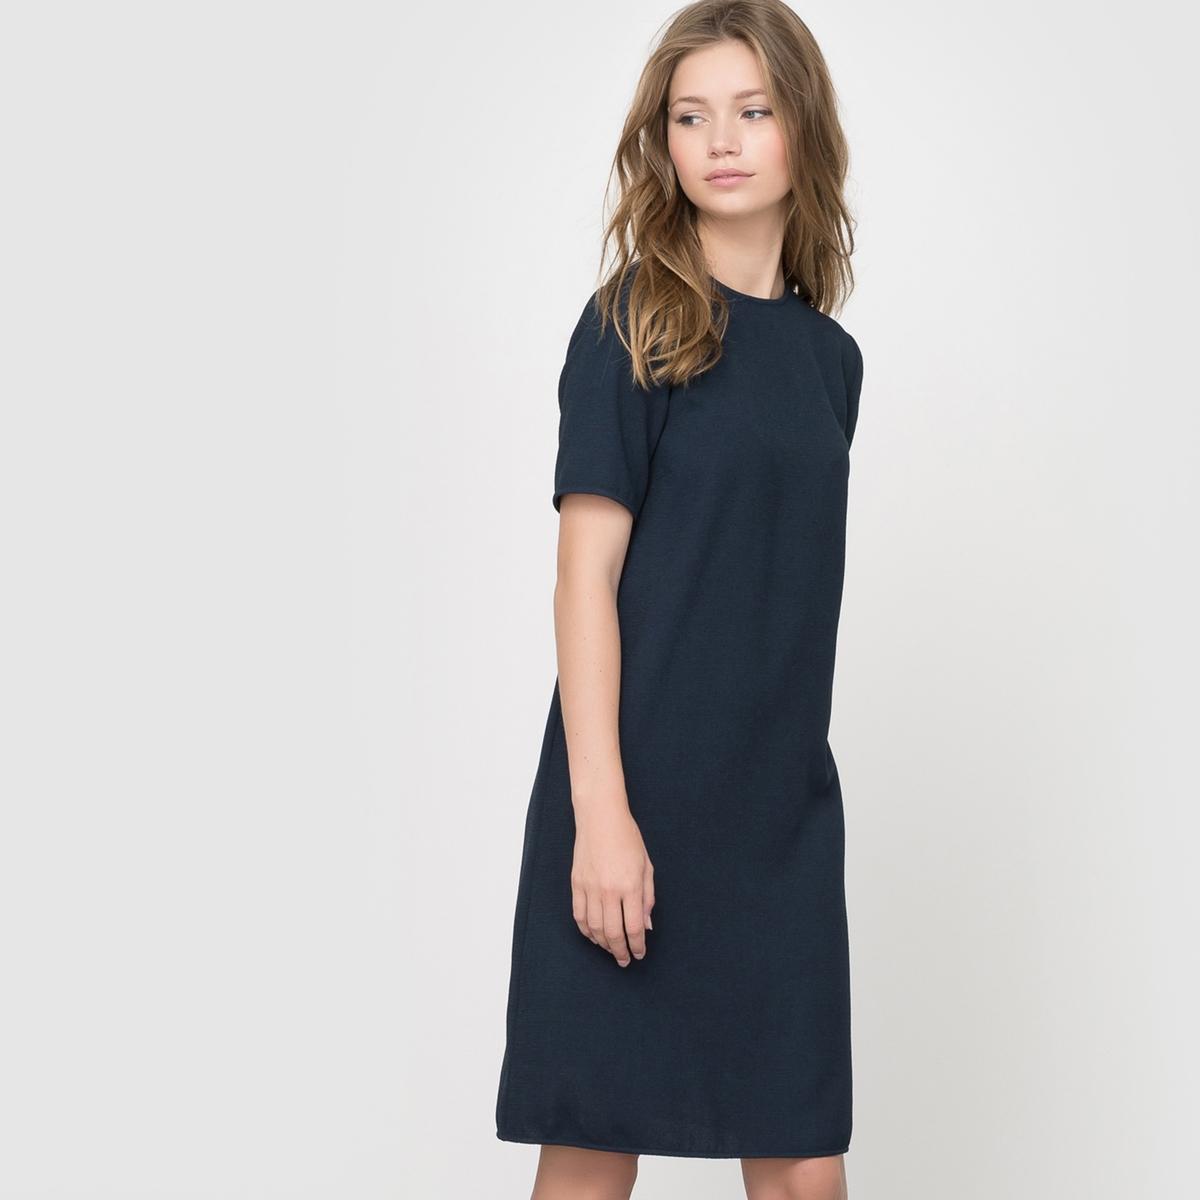 Платье с короткими рукавамиПлатье с короткими рукавами .Изящный прямой покрой, комфортный при носке . Небольшой круглый вырез . Застежка на молнию сзади. . 100% полиэстера с рельефным эффектом . Подкладка 100% полиэстера только для цвета слоновой кости  . Длина 92 см .<br><br>Цвет: темно-синий<br>Размер: 44 (FR) - 50 (RUS)